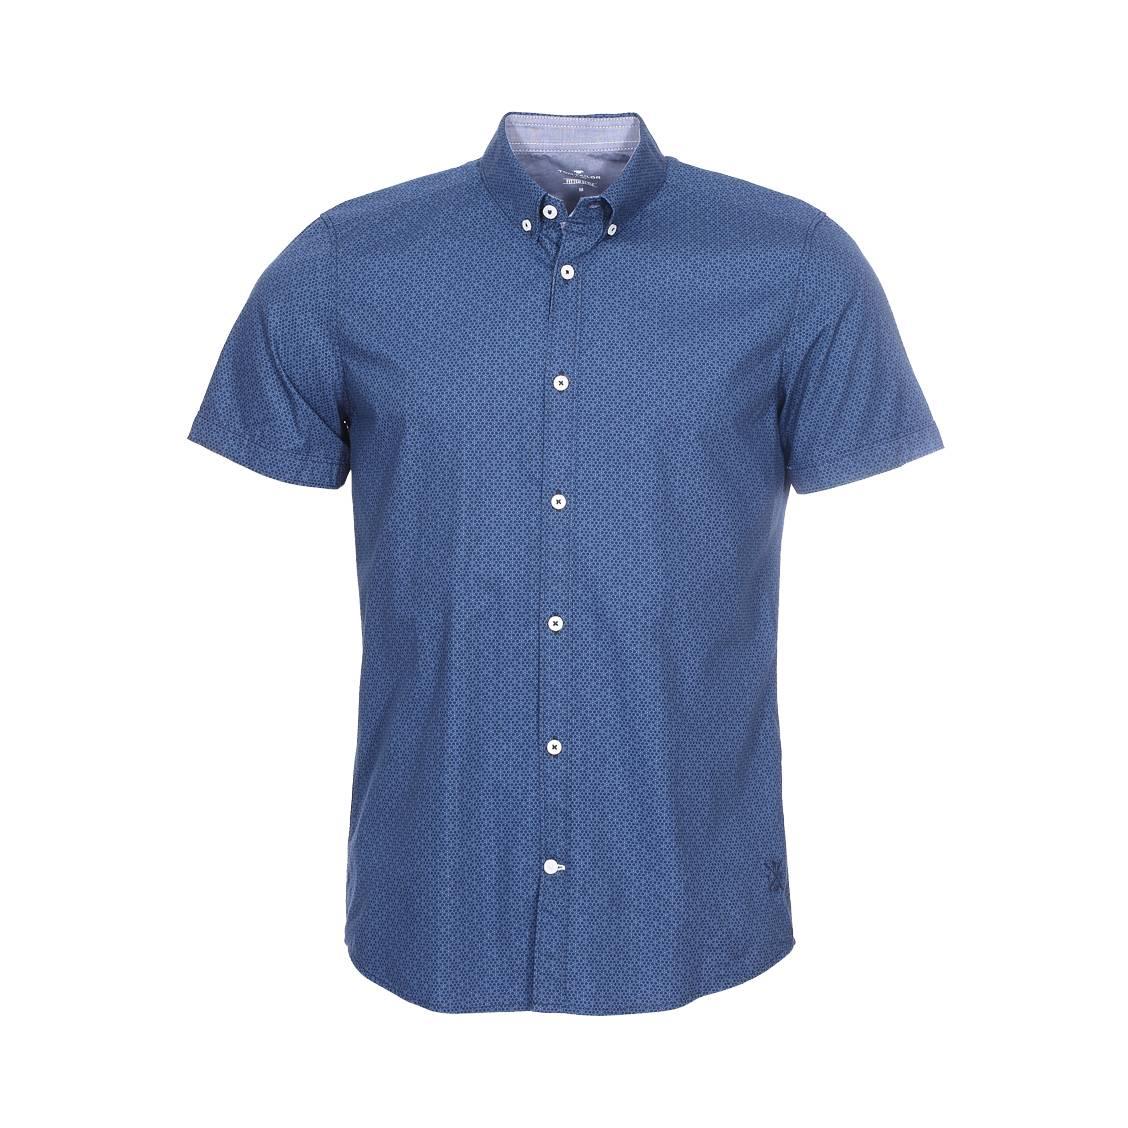 Chemise ajustée manches courtes  floyd en coton bleu marine à imprimés graphiques bleus